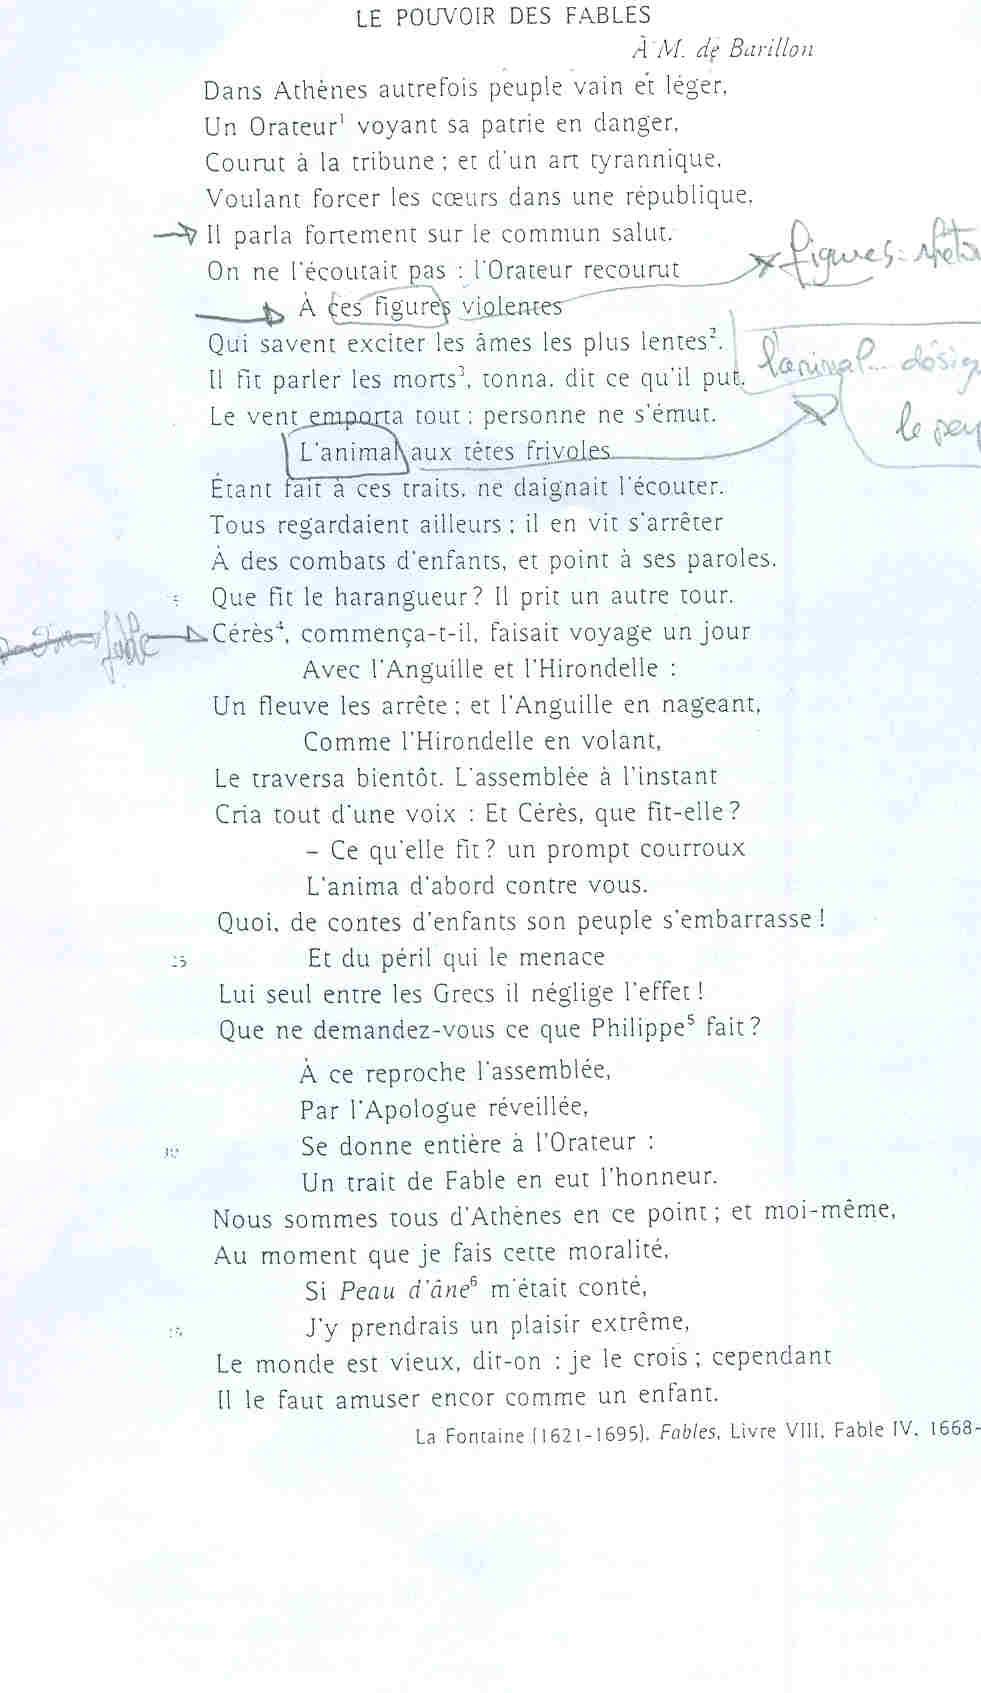 """Commentaire Composé """"le Pouvoir Des Fables"""" - Français - E ..."""